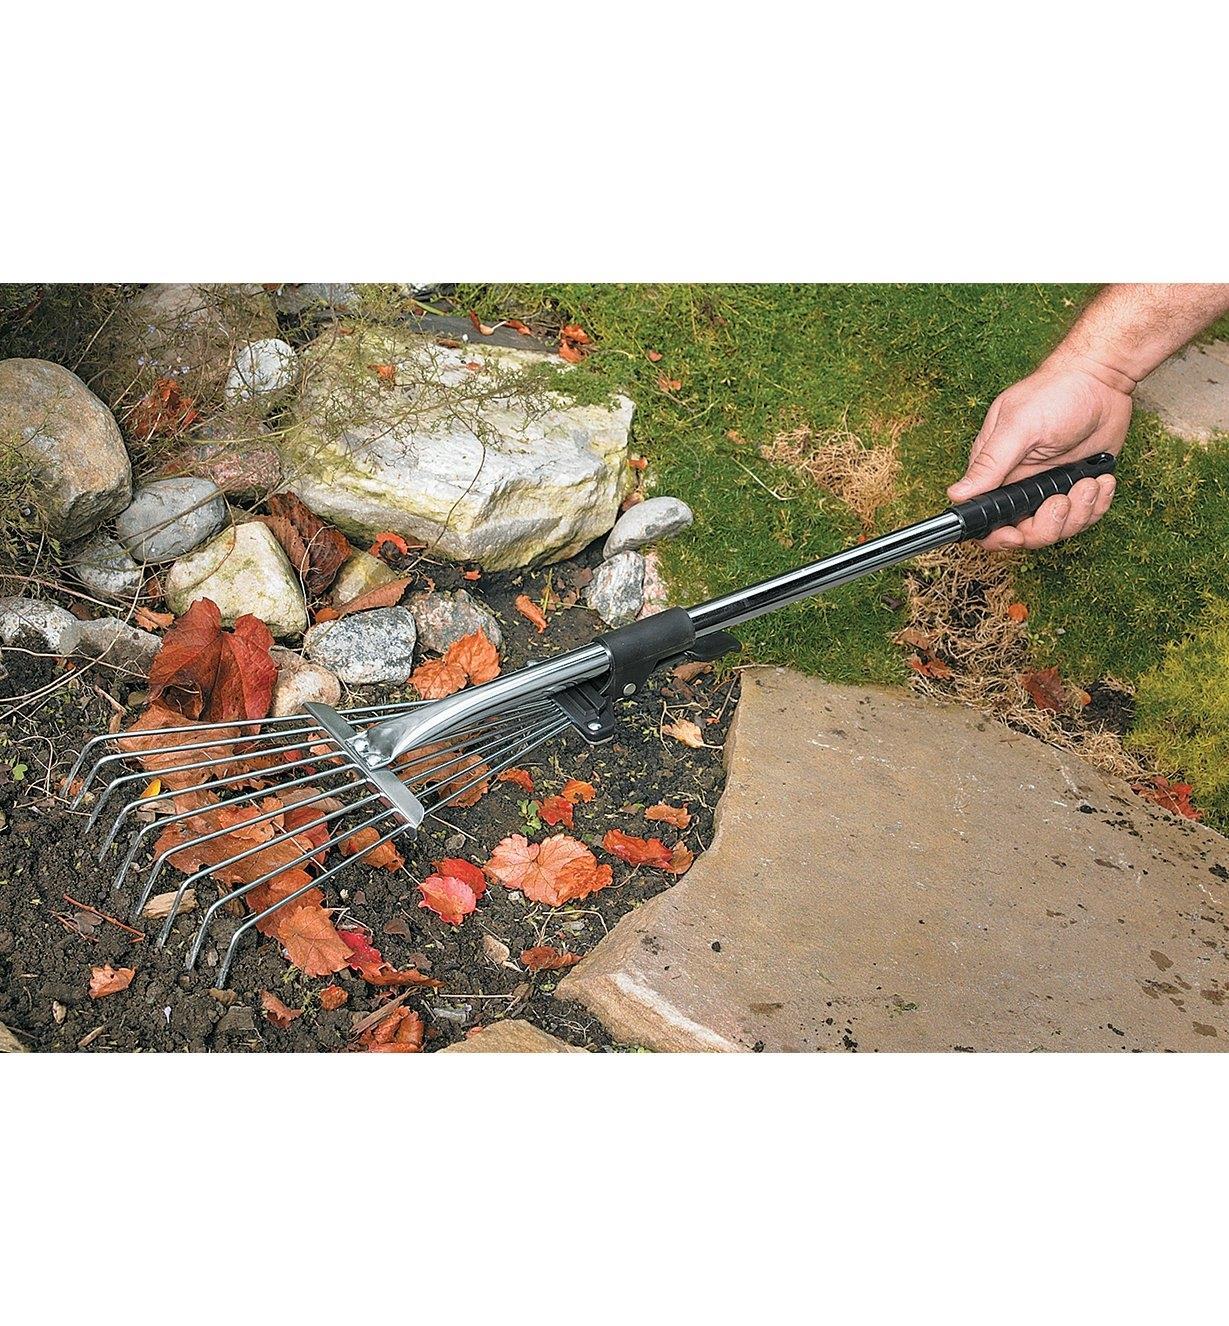 Balai à feuilles à manche court utilisé pour ratisser des feuilles autour de roches dans un jardin